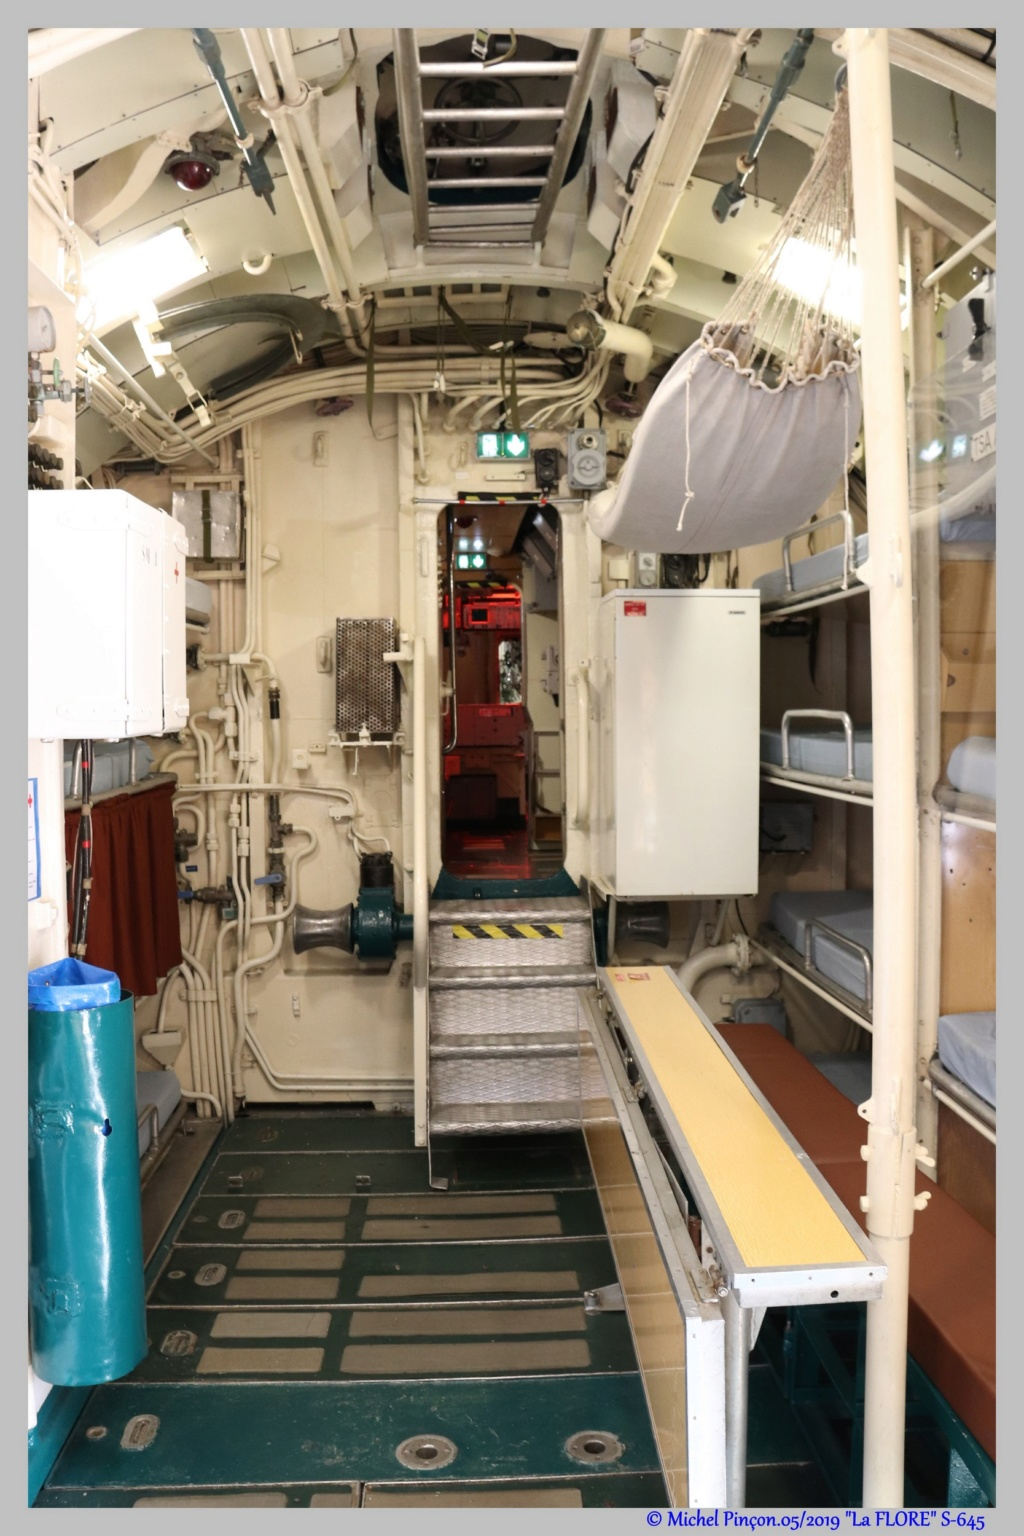 [Les Musées en rapport avec la Marine] CEUX QUI VISITENT LA FLORE - Page 18 Dsc04105